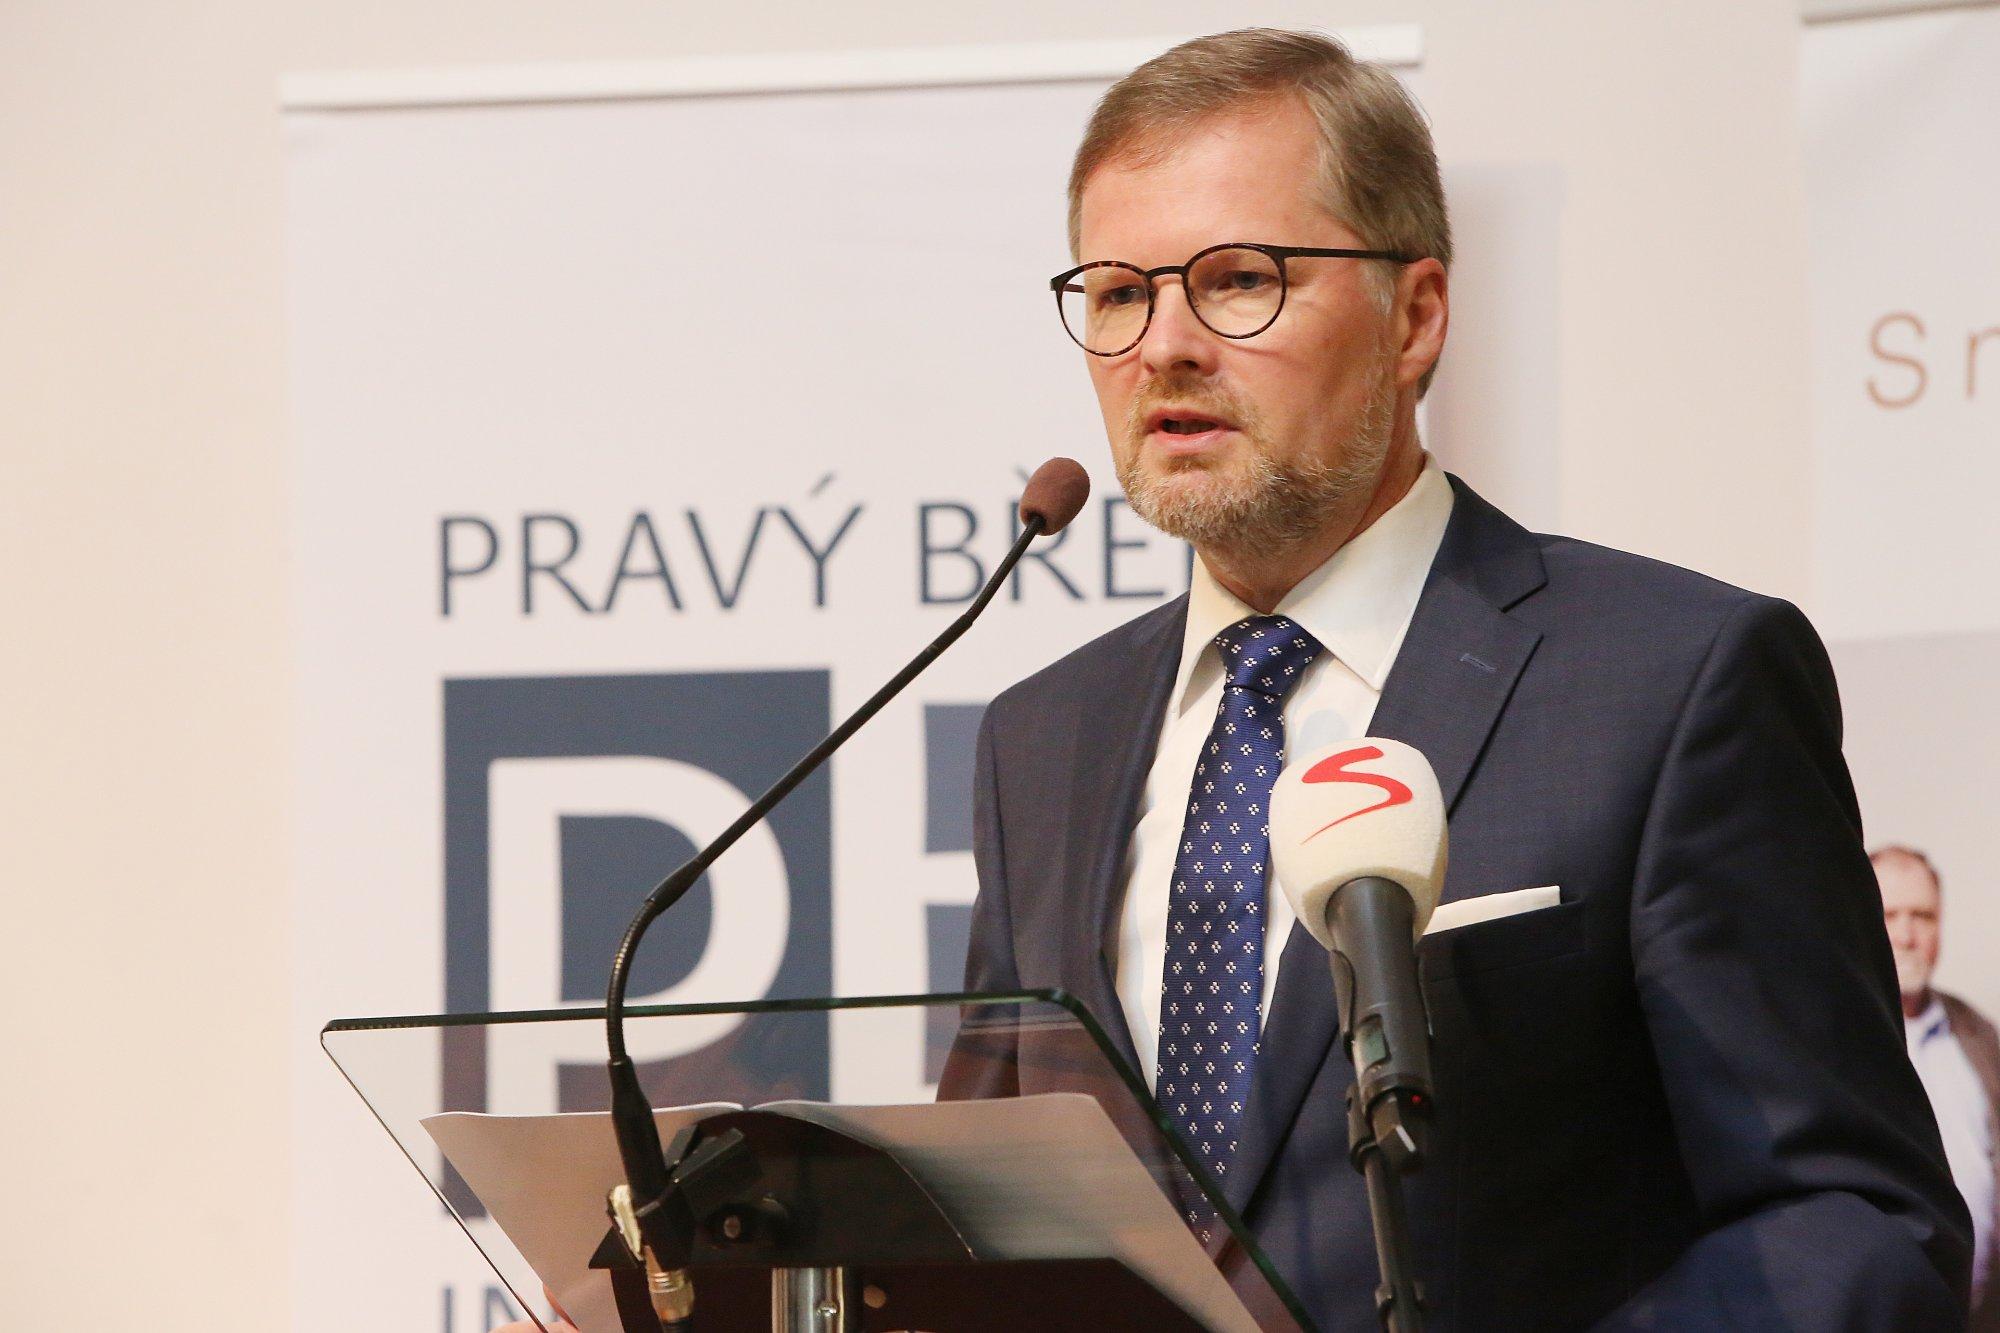 Petr Fiala: Zlehčovat nebezpečí ze strany komunistů je nezodpovědné. Žádní demokraté to nejsou